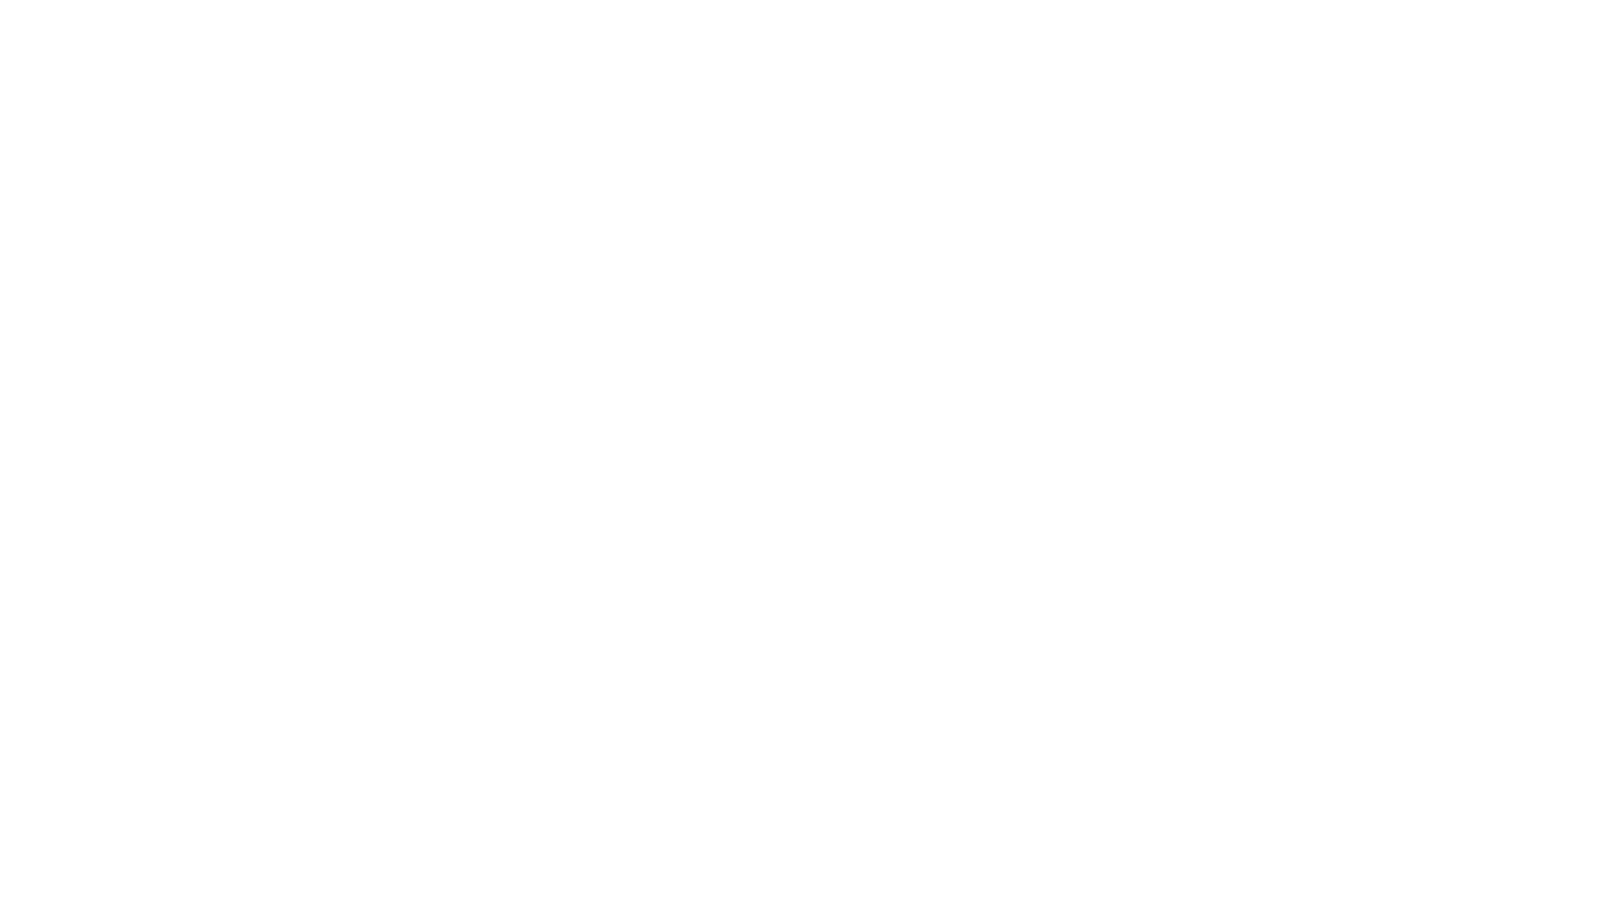 OPTIC PREMIUM - slide 01